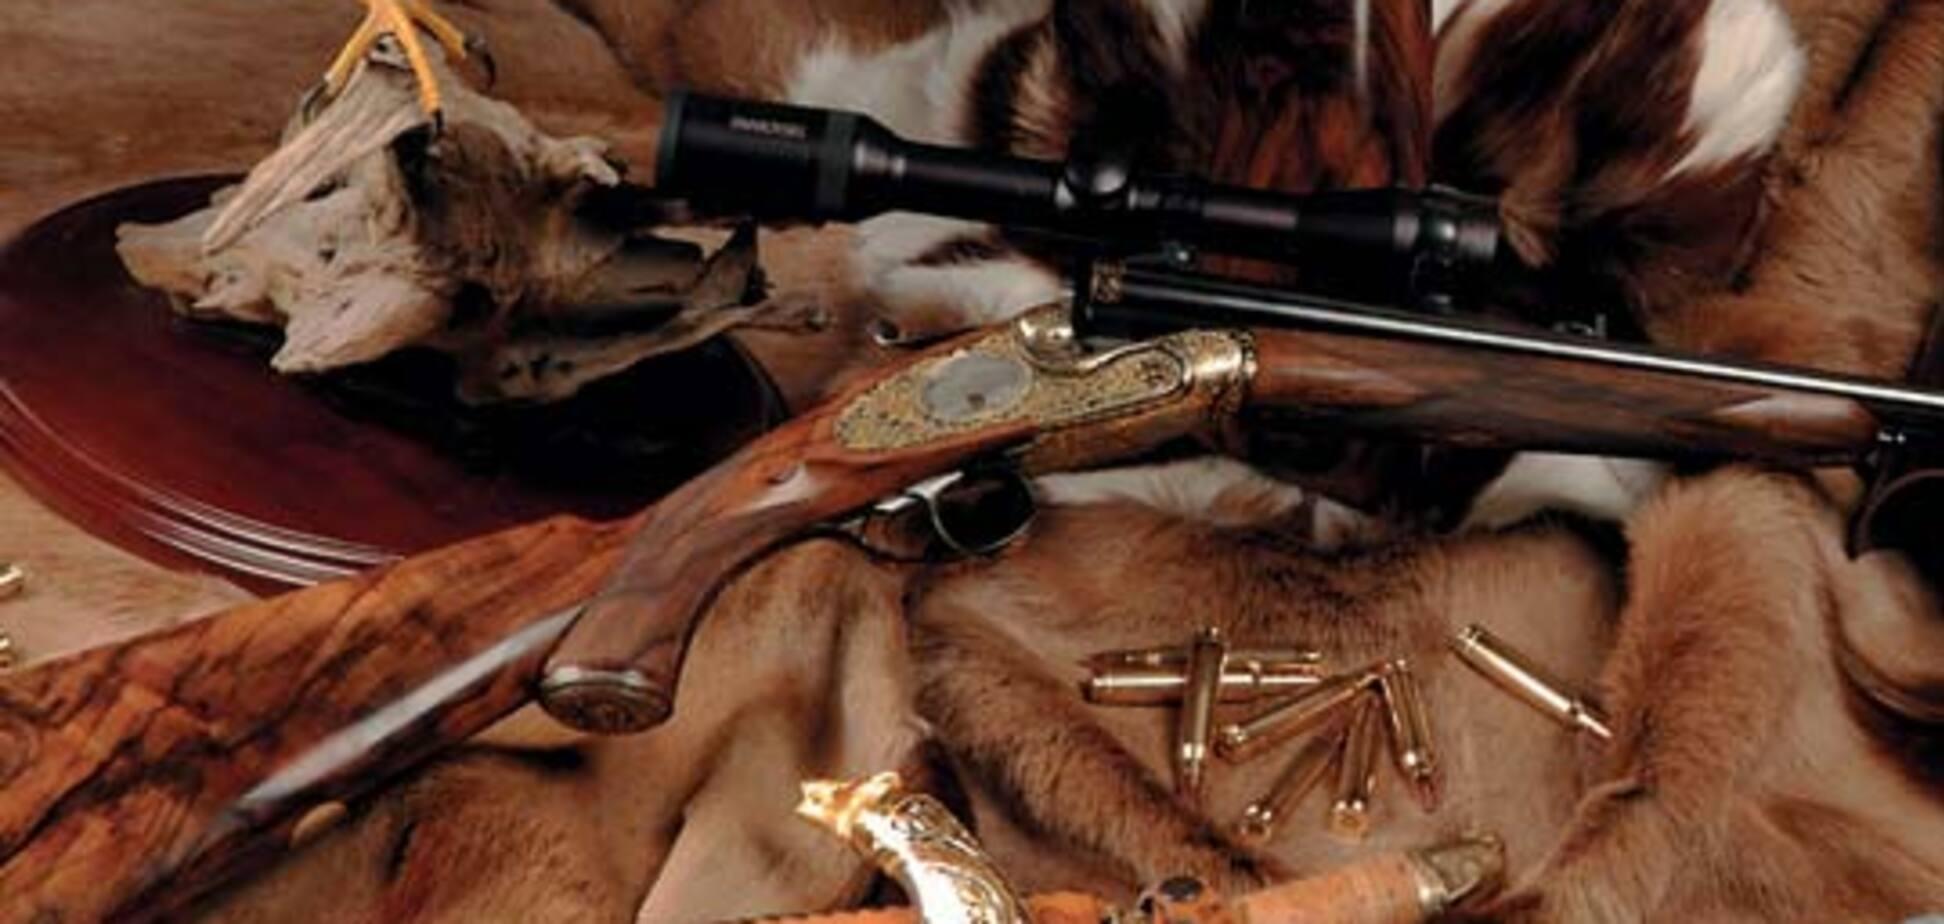 Як полювати на оленів без гвинтівки? Паркани ставити. ФОТО